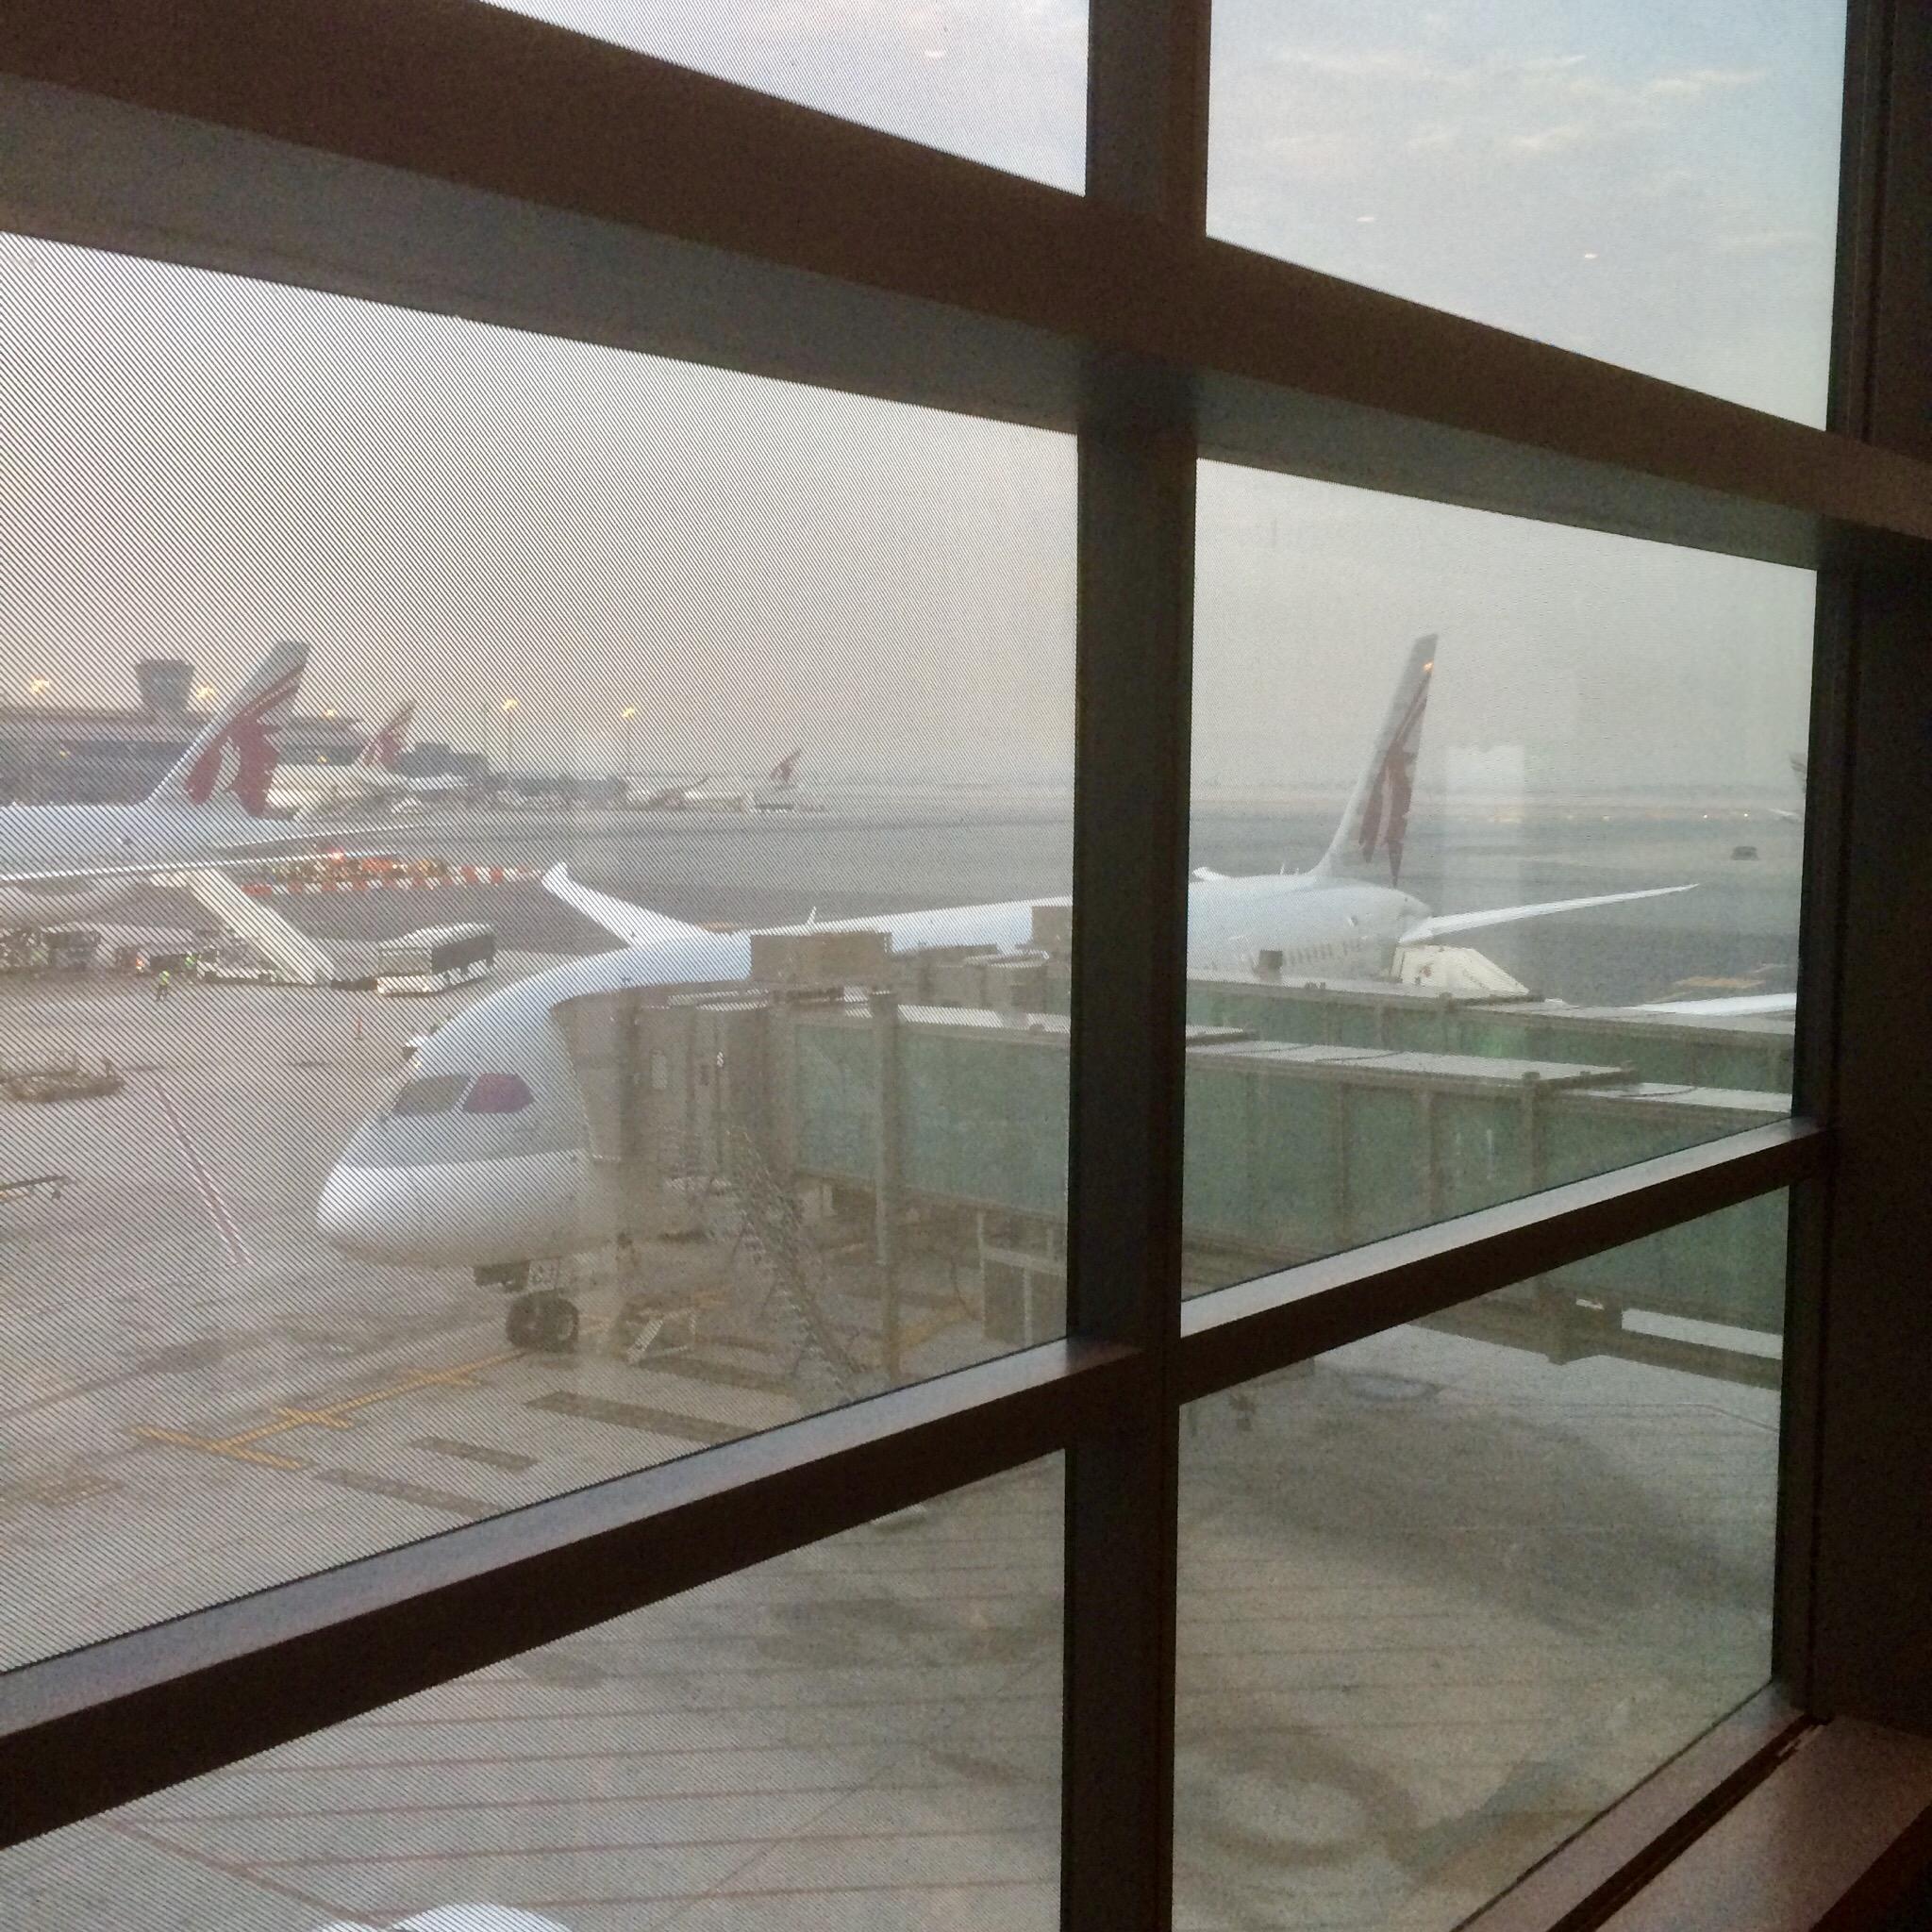 カタール-ドーハ-ハマド国際空港-Hamad-Airport-トランジット-1